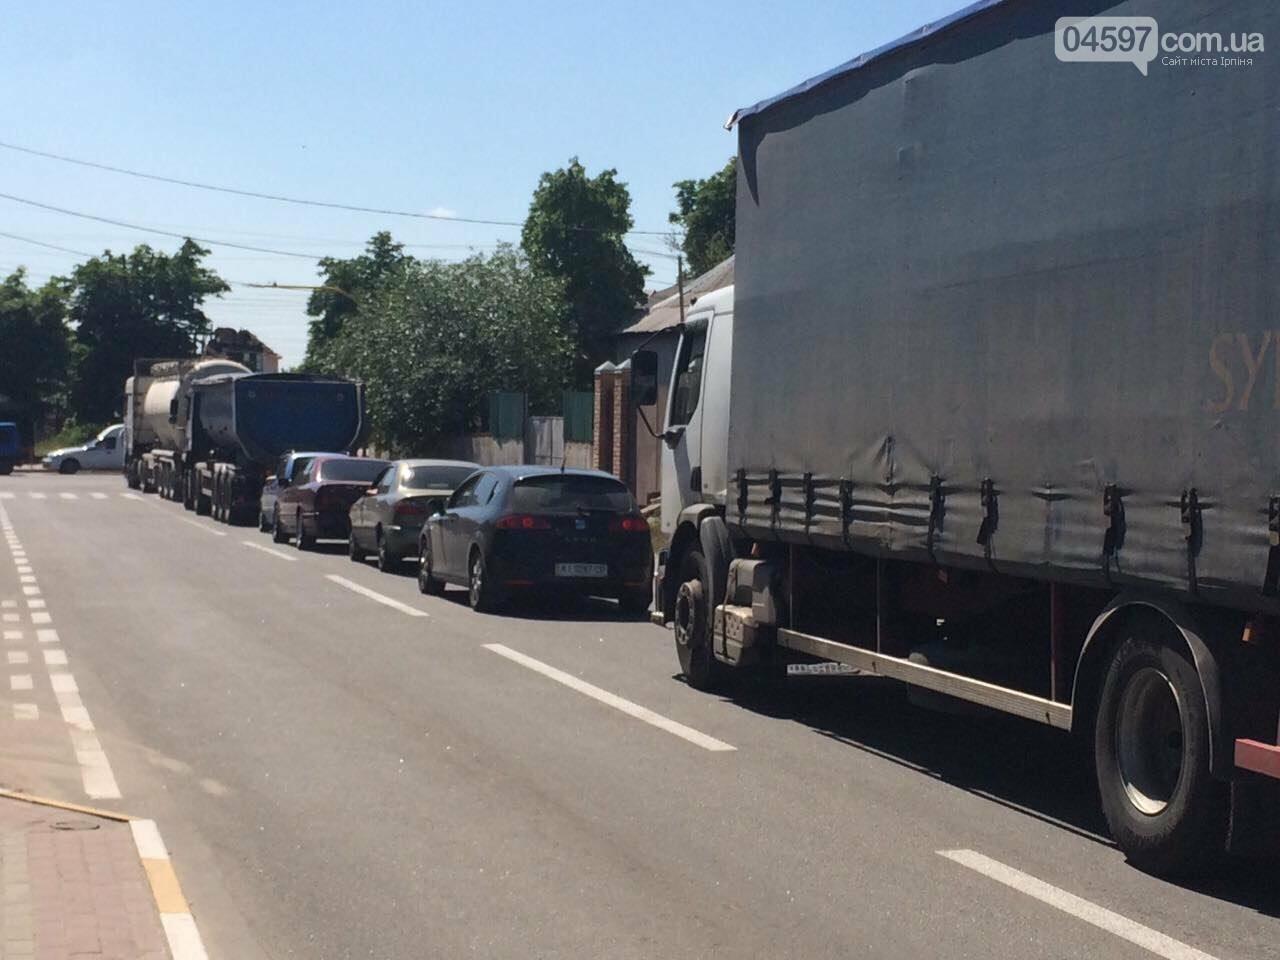 Транспортний колапс у Бучі: водії стояли годину в черзі на переїзд, фото-2